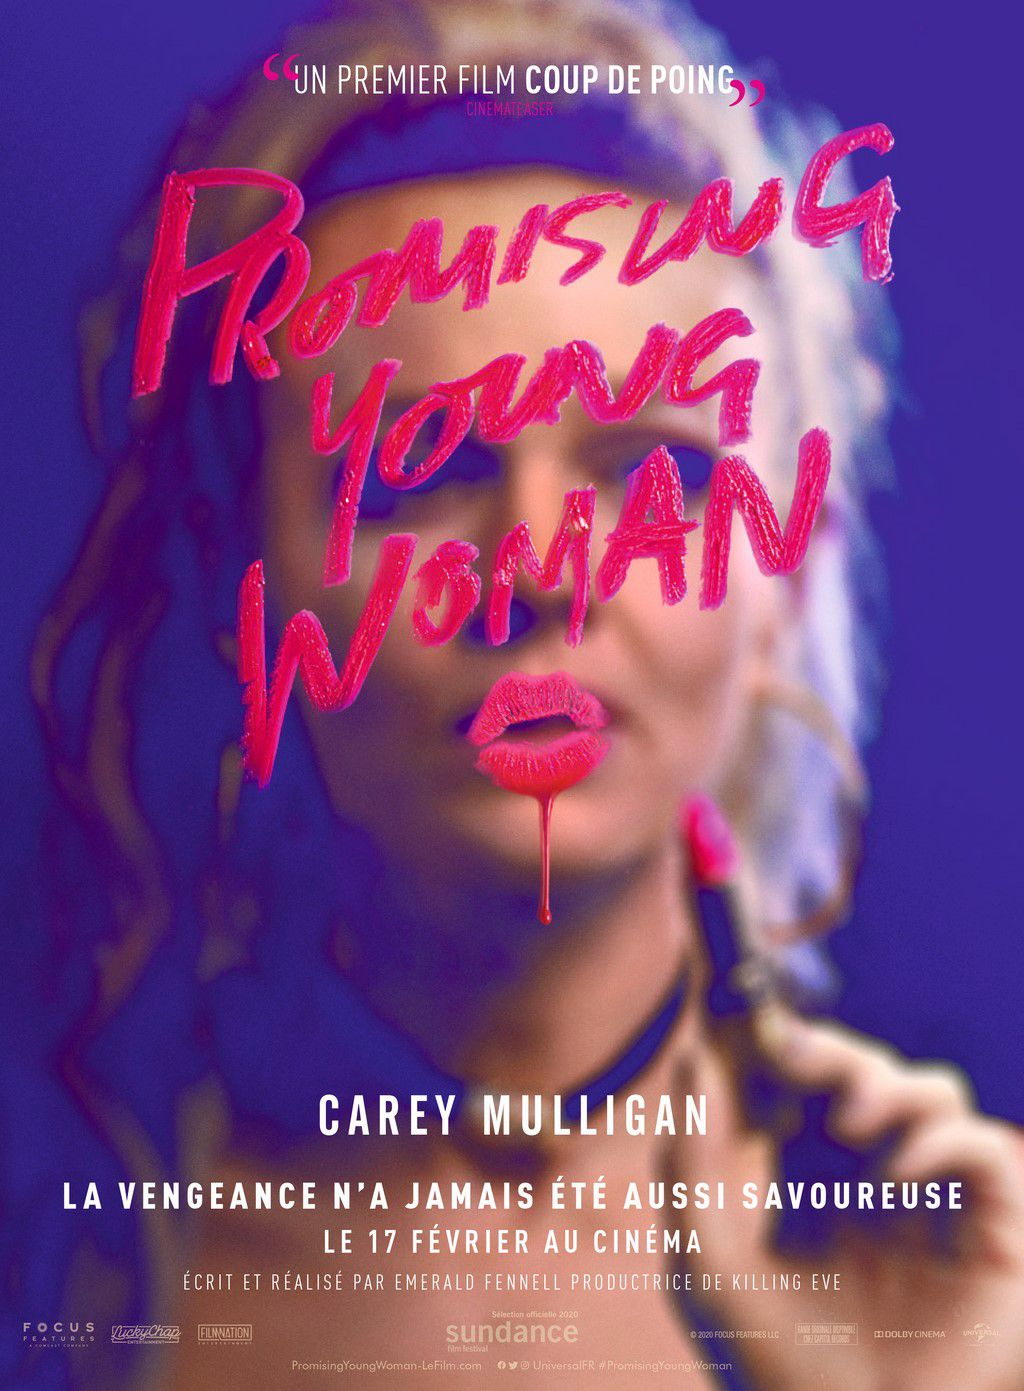 PROMISING YOUNG WOMAN prévu au Cinéma le 17 Février 2021